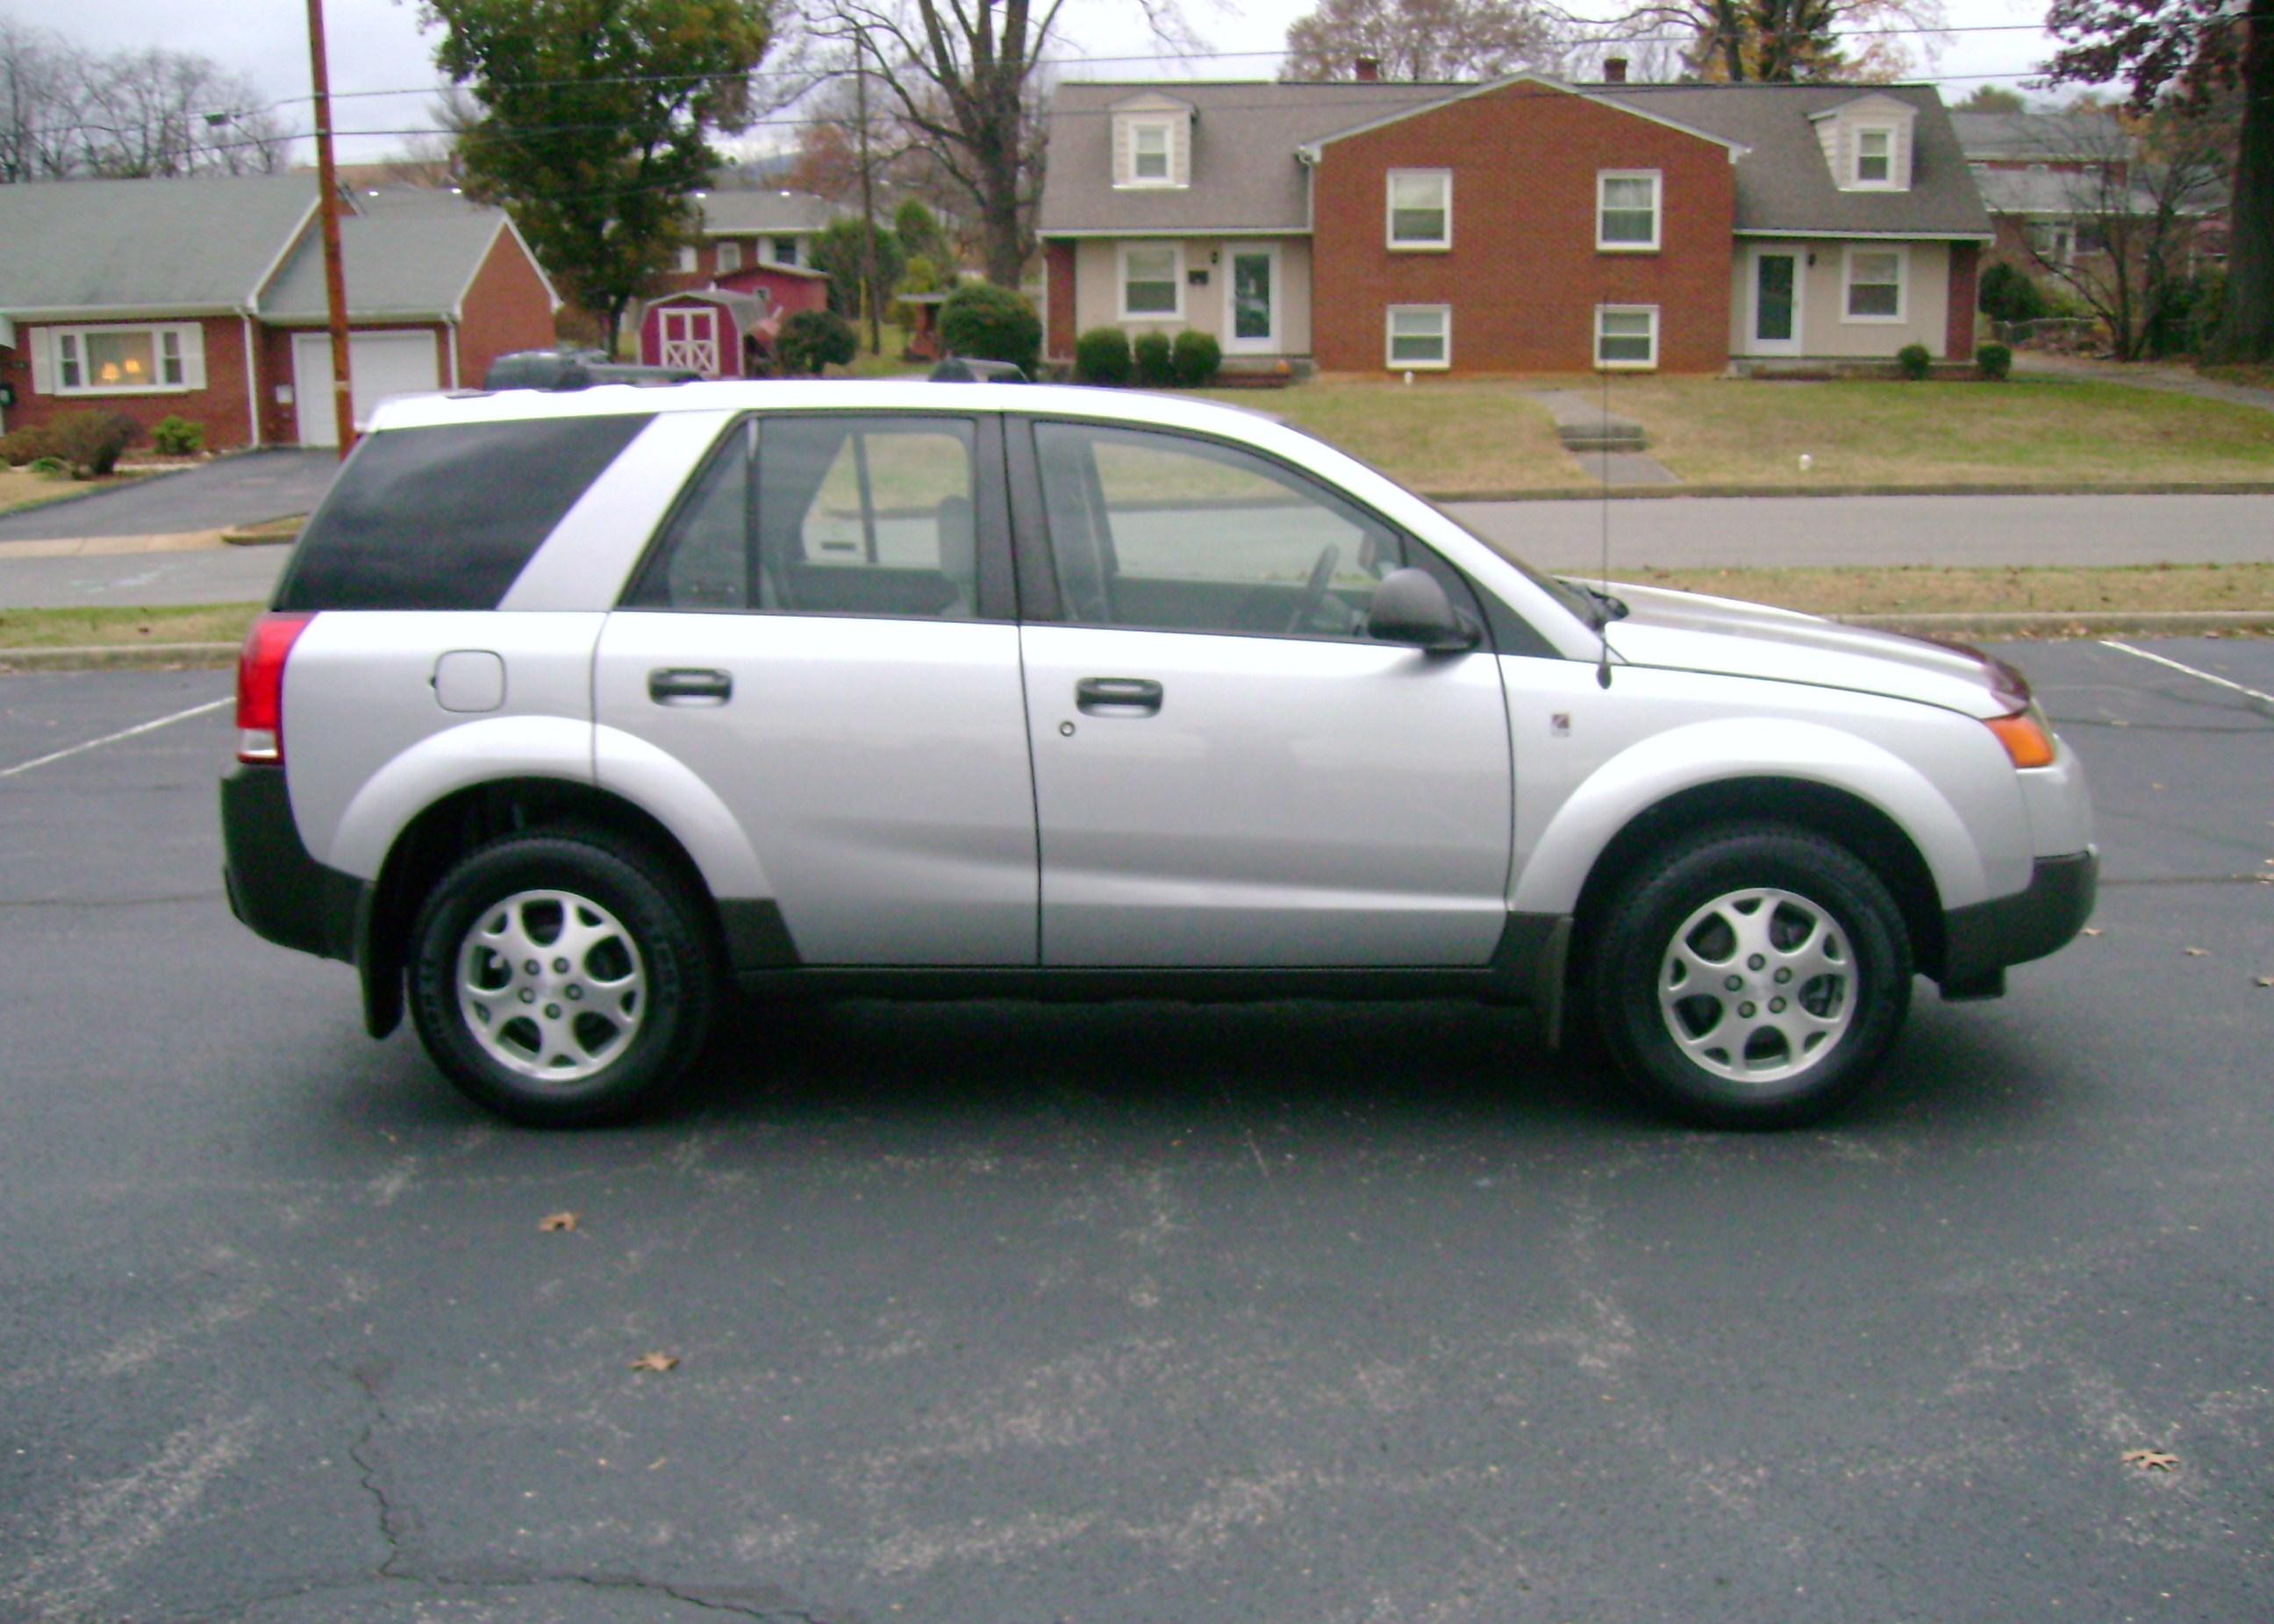 2002 saturn vue awd 004 2002 saturn vue awd 004 automobile exchange 2002 saturn vue awd 004 vanachro Gallery